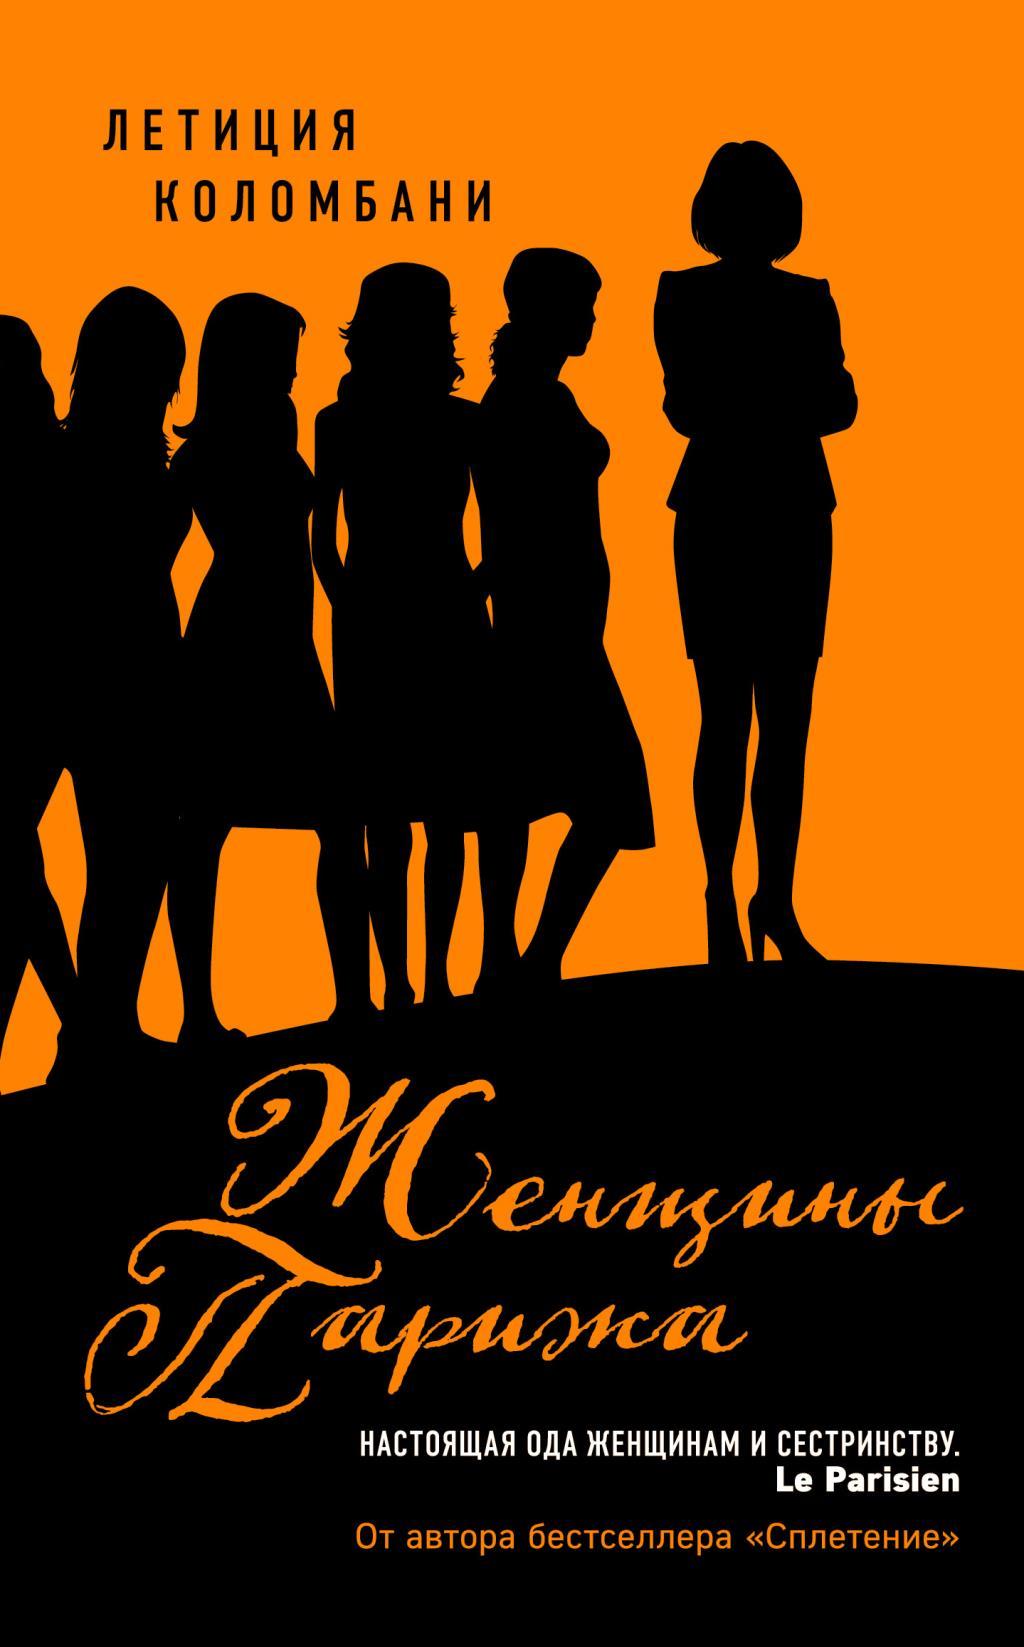 Роман Летиции Коломбани «Женщины Парижа» - пронзительная история о профессиональном выгорани